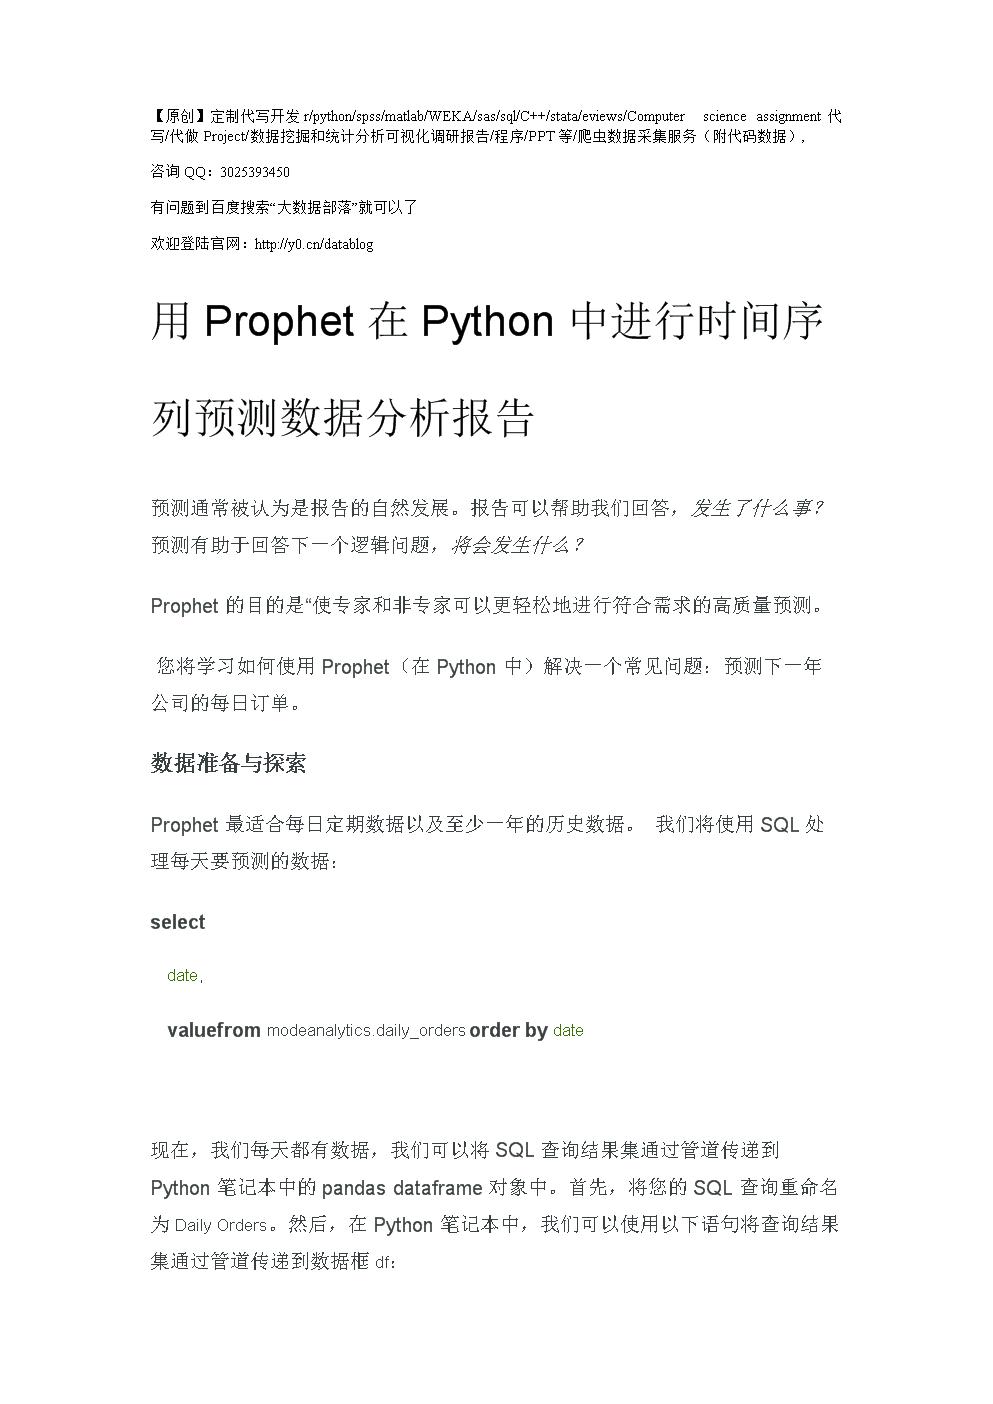 【原创】用Prophet在Python中进行时间序列预测数据分析报告论文(附代码数据).docx